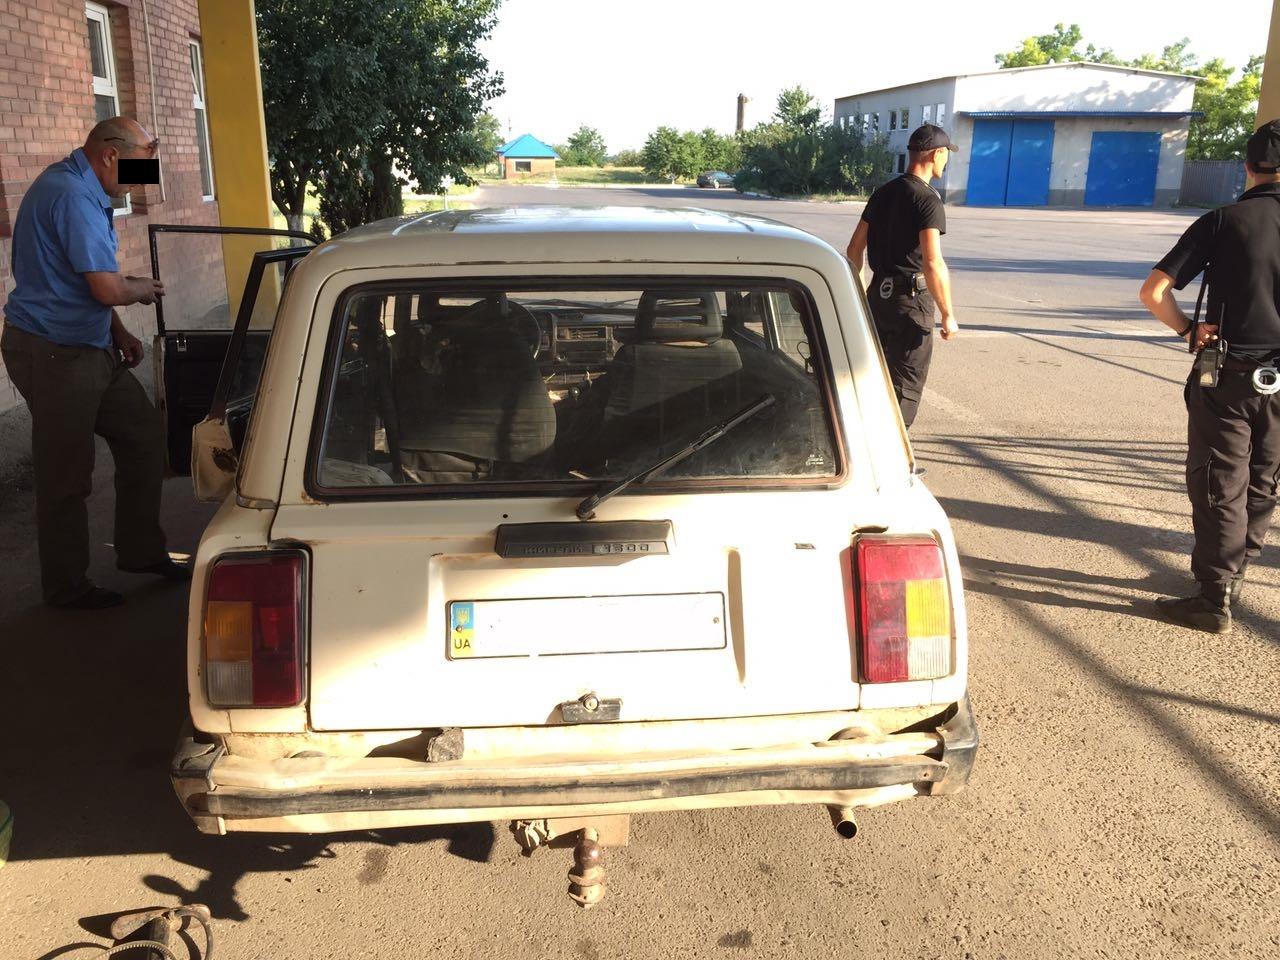 IMG-20170726-WA0007 Не перехитрил: из-за 89 пачек контрабандных сигарет гражданин Молдовы оставил автомобиль